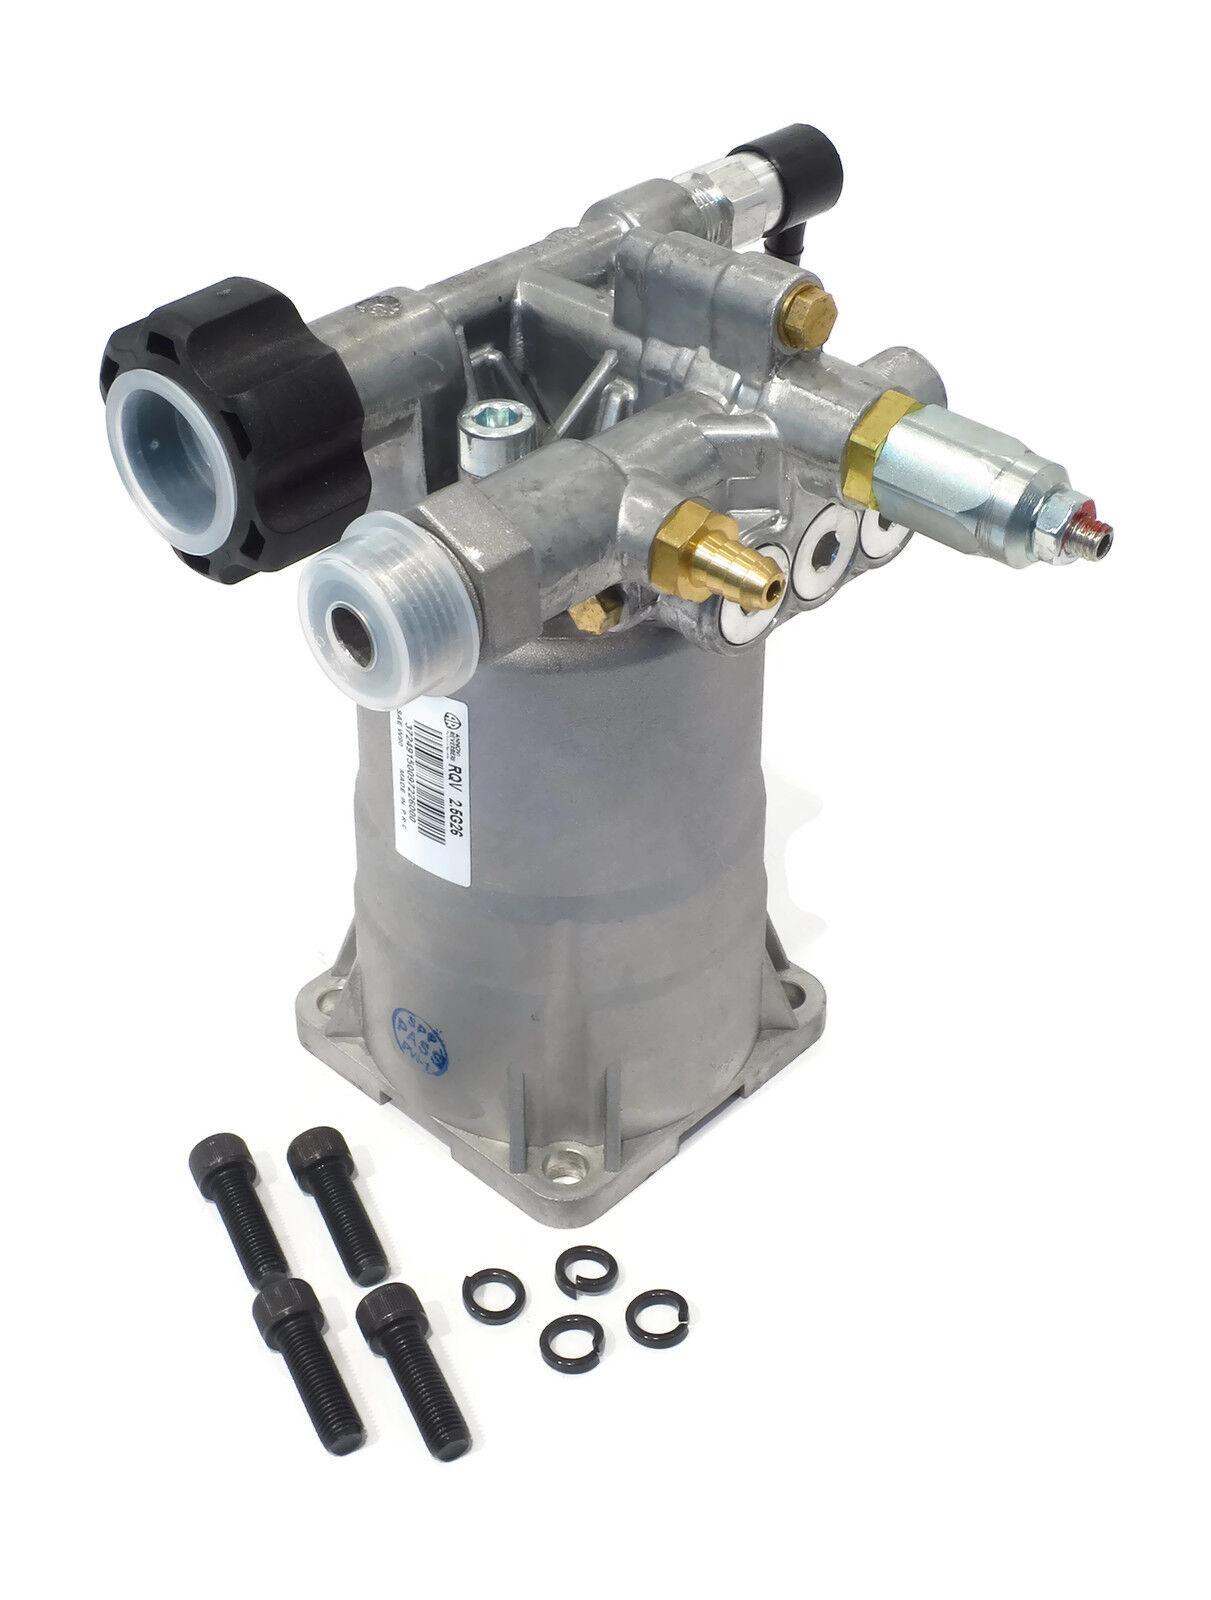 Arandela de presión de alimentación de 2600 PSI Bomba De Agua Monsoon EXWGC2225-3 Whab 2627